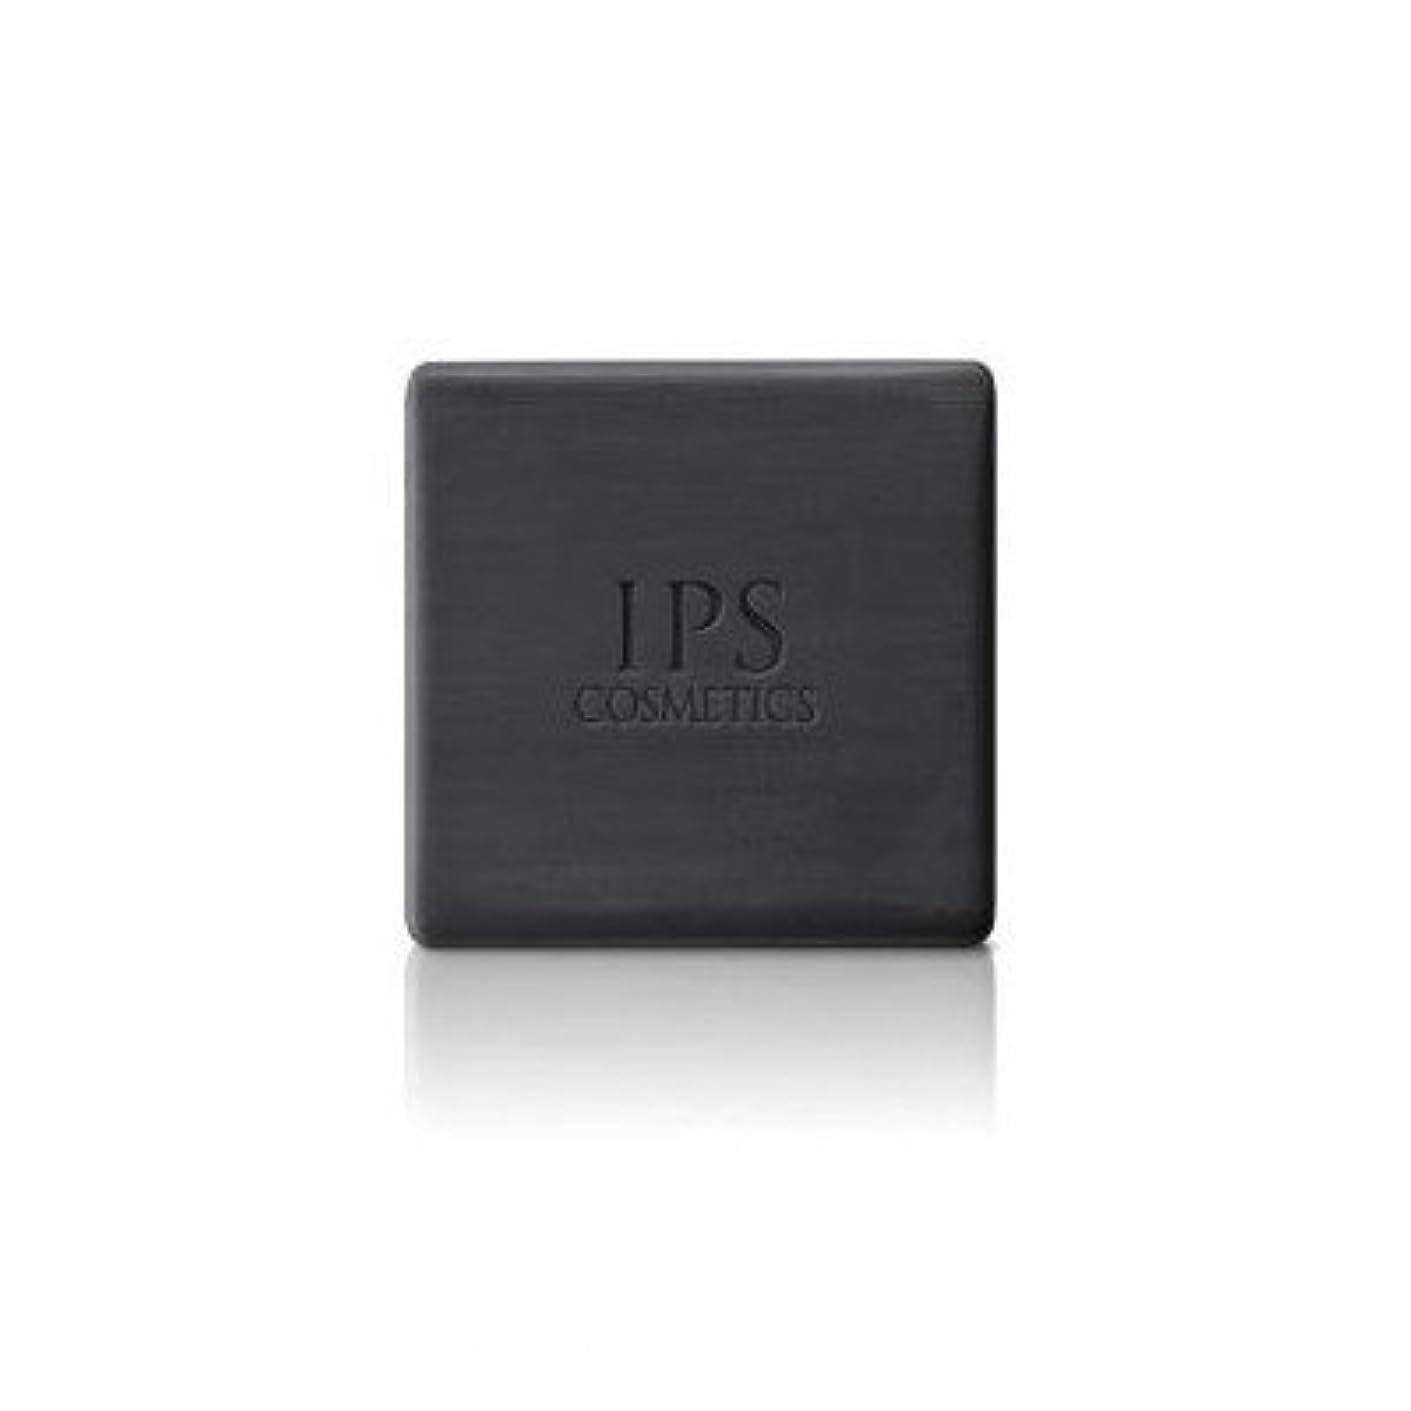 同化する志すキリスト教IPS コンディショニングバー 洗顔石鹸 120g